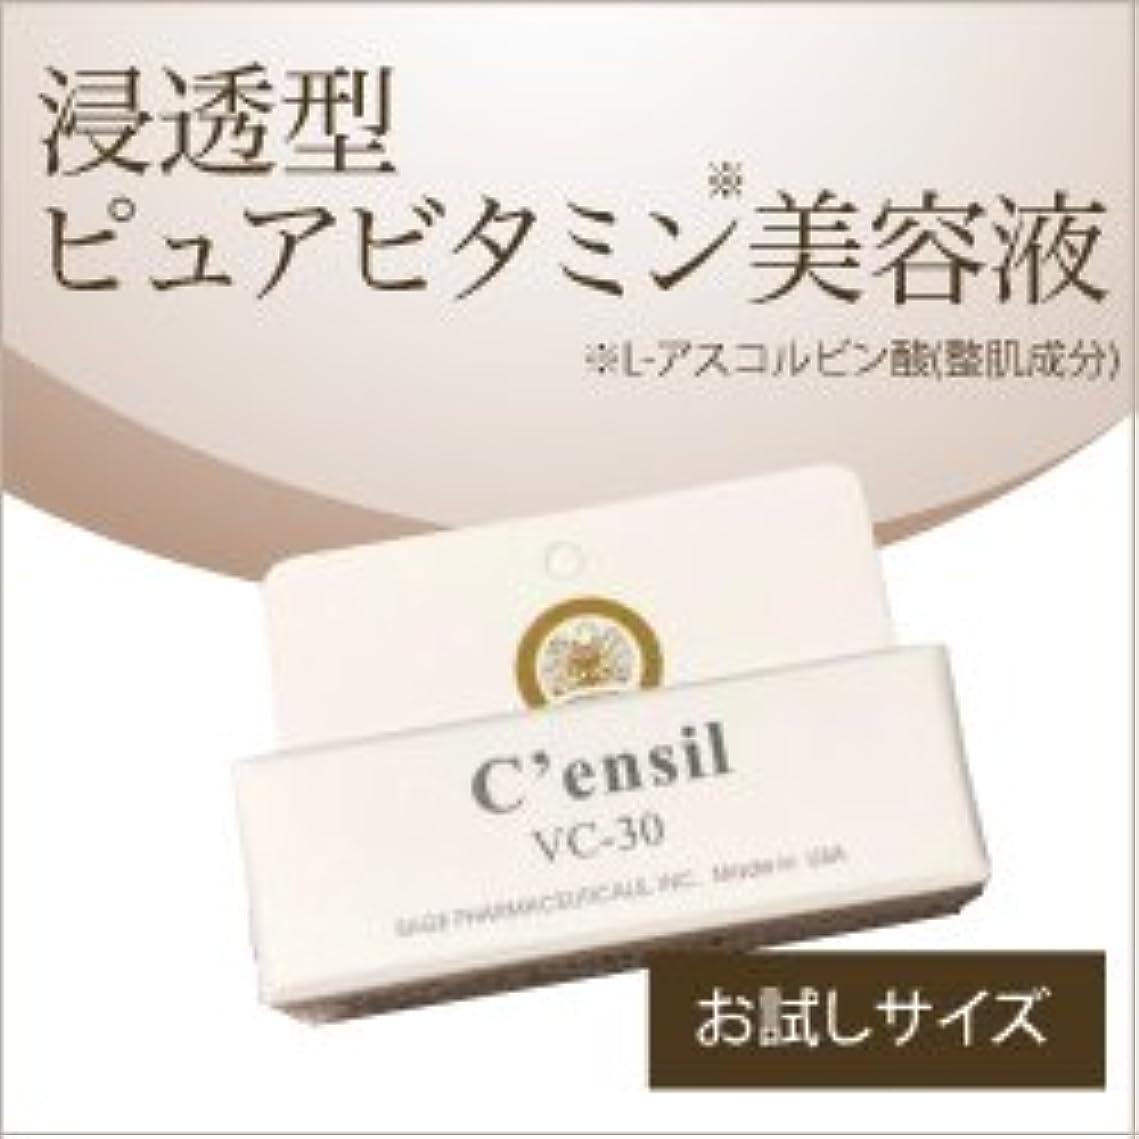 ネブ混雑荒野センシル C'ensil VC-30 ミニ 2ml 美容液